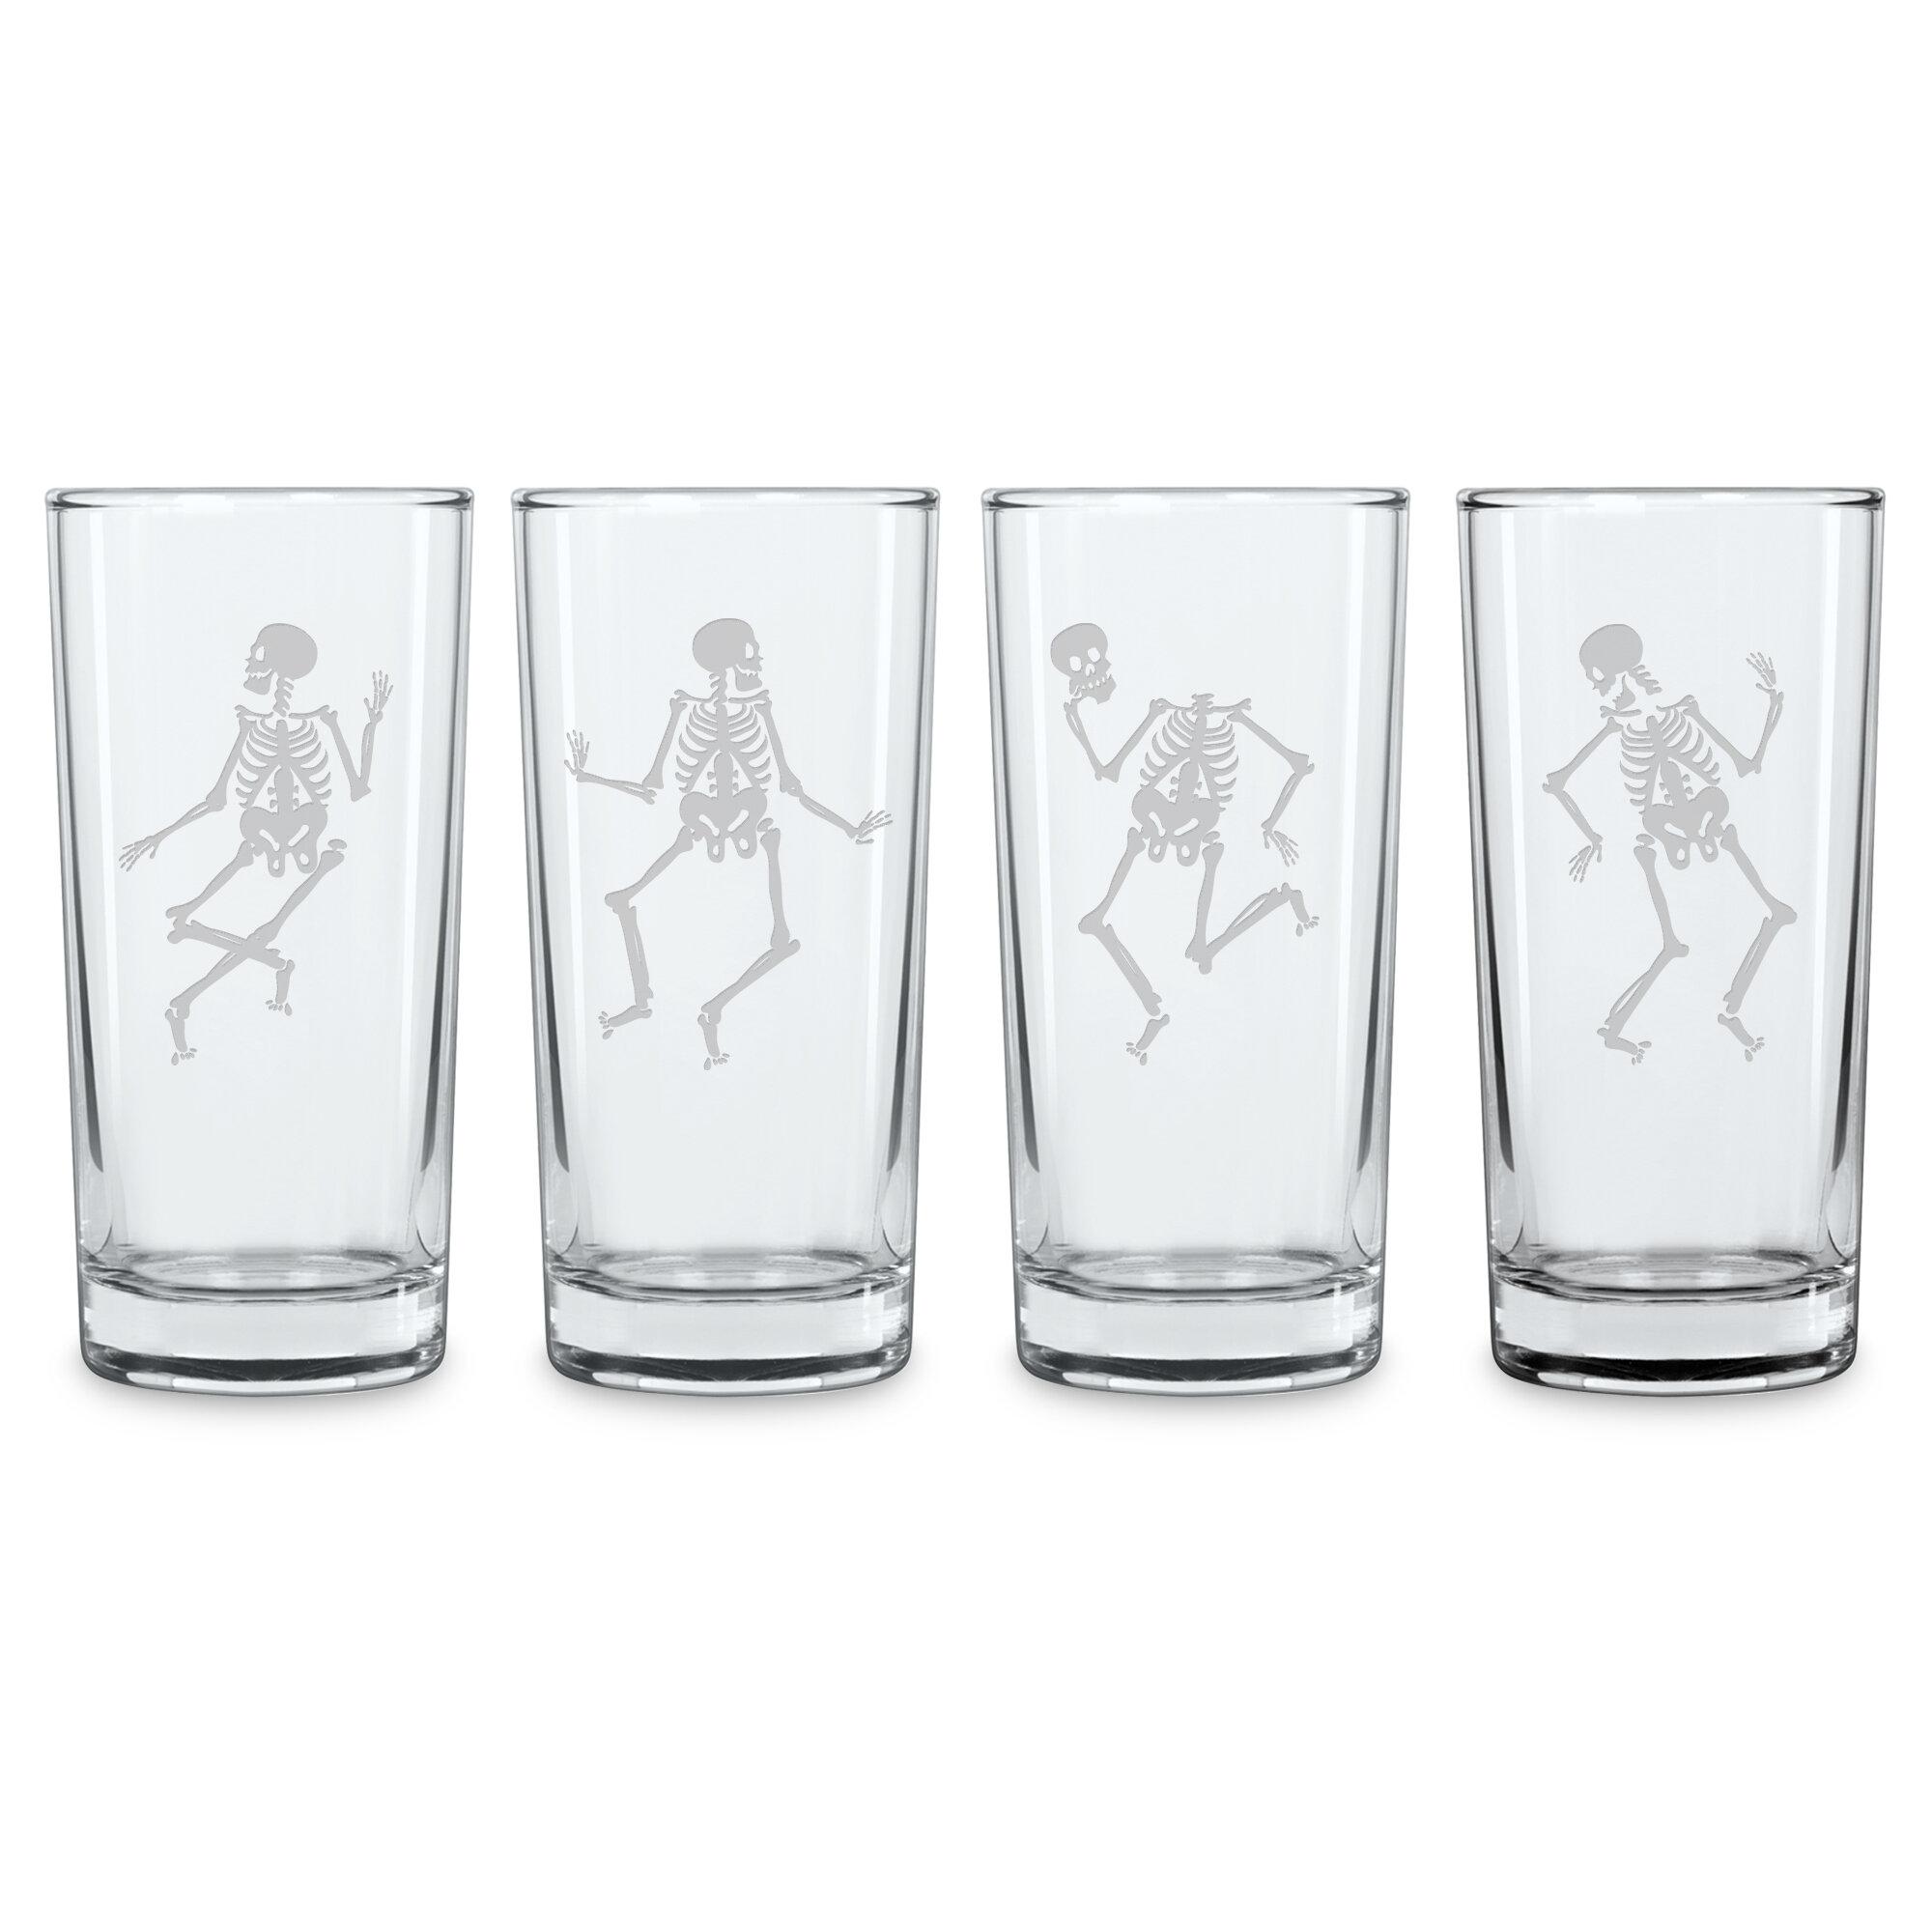 Susquehanna Glass Dance Of The Dead 4 Piece 15 Oz Highball Glass Set Wayfair